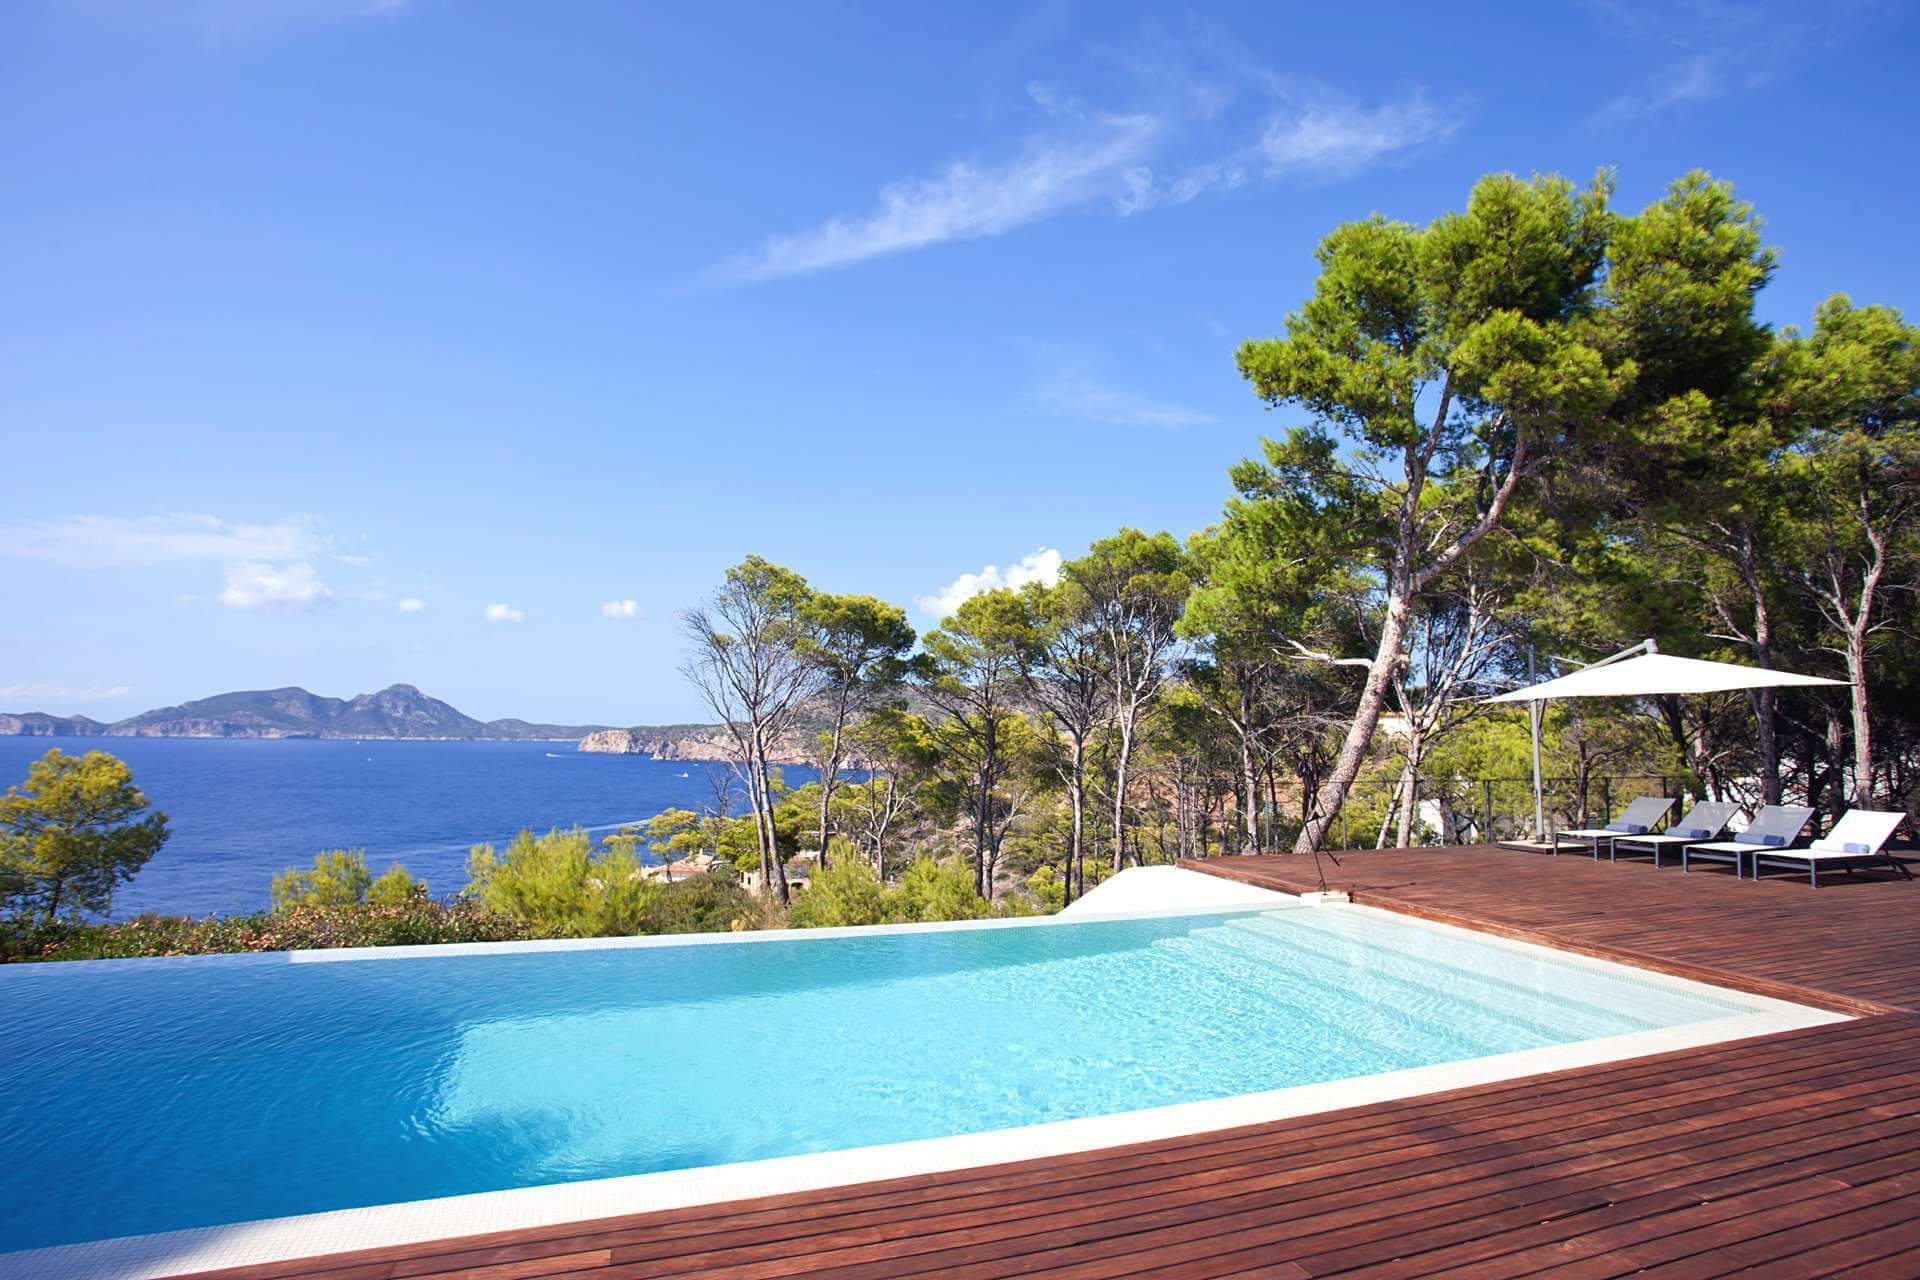 01-332 Sea view Villa Mallorca southwest Bild 5